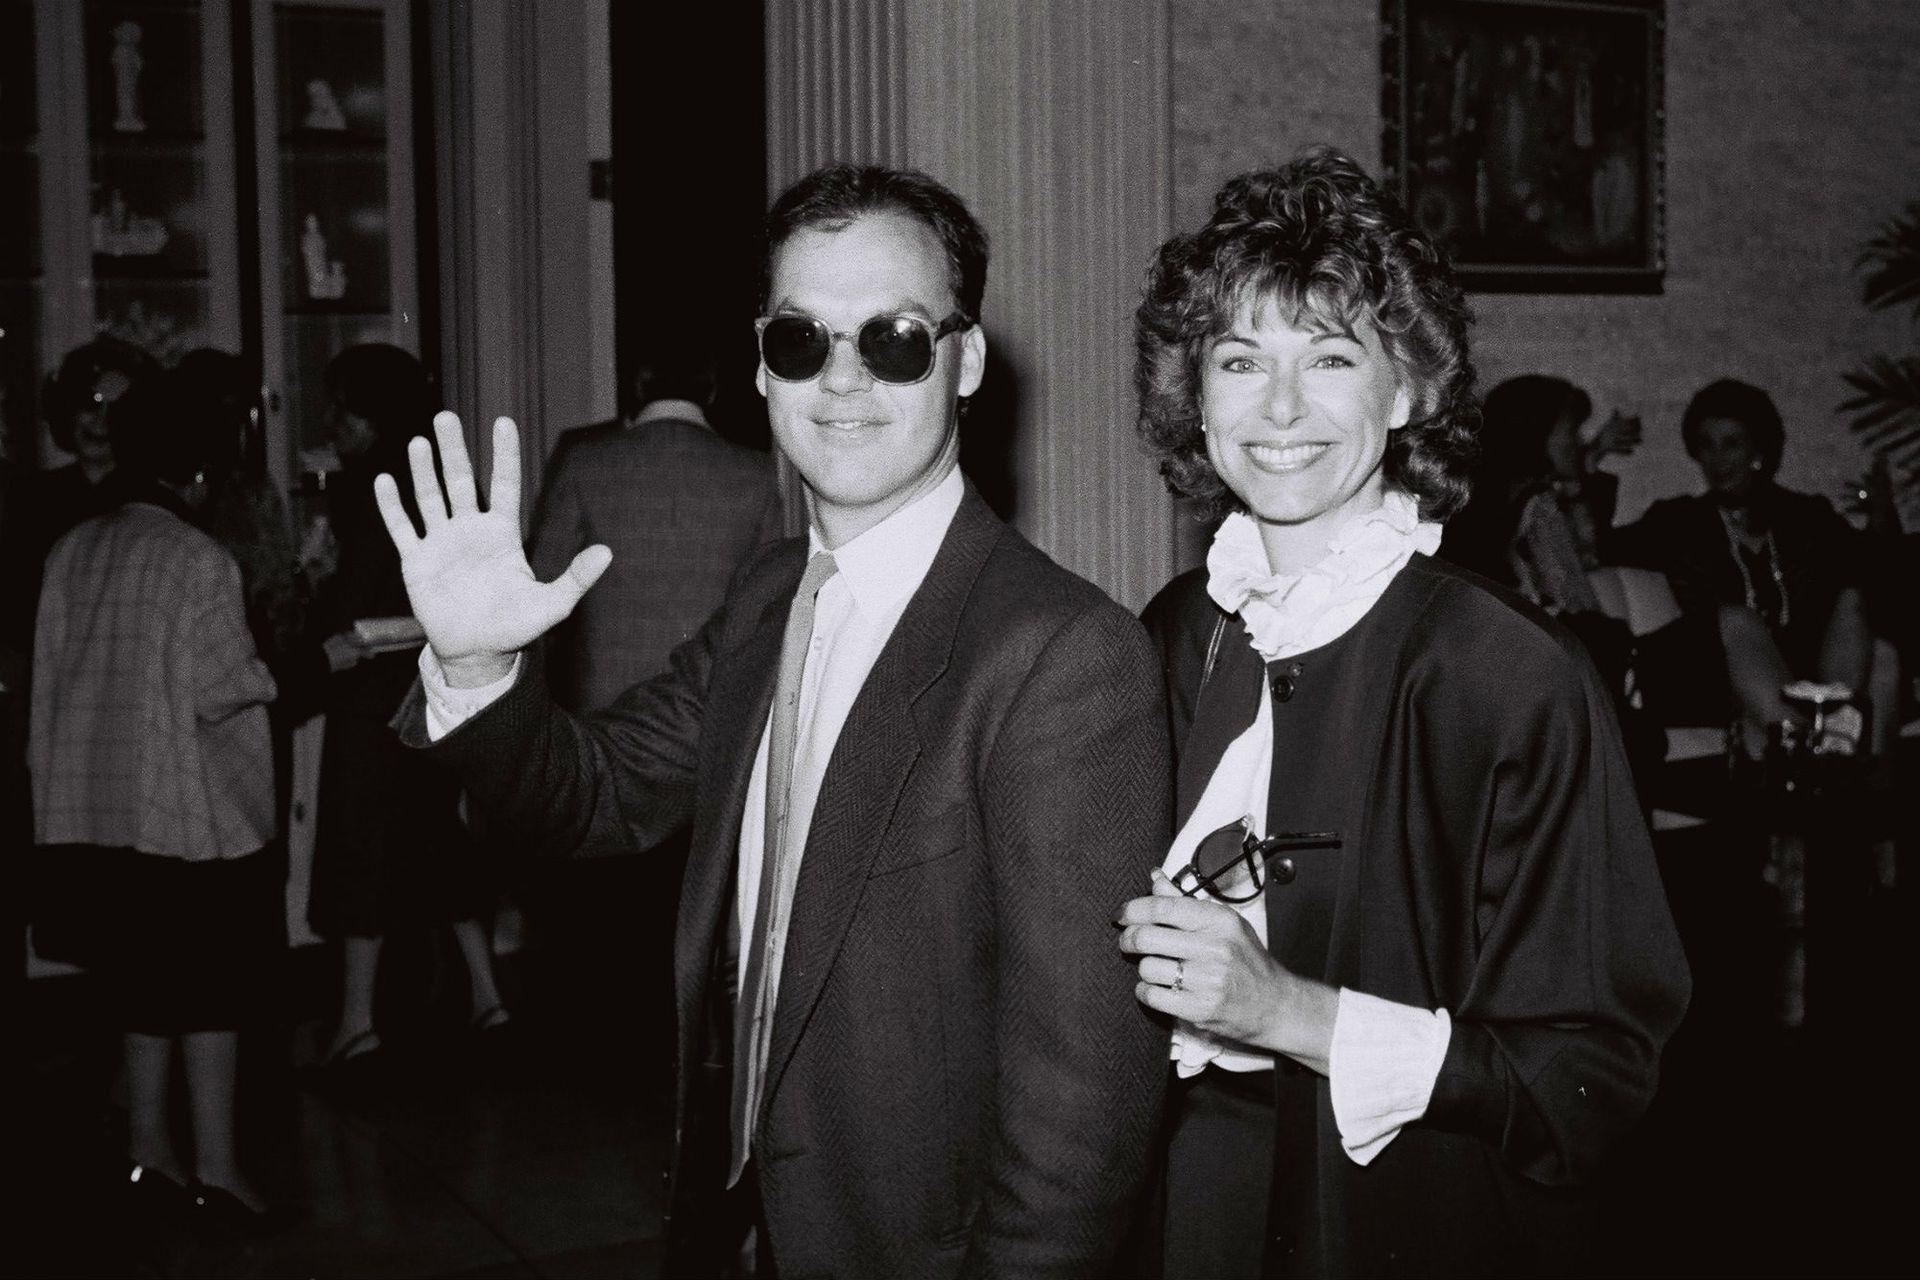 Michael Keaton se casó con Caroline McWilliams en 1982 y tuvieron un solo hijo, Sean; la actriz falleció de cáncer en 2010